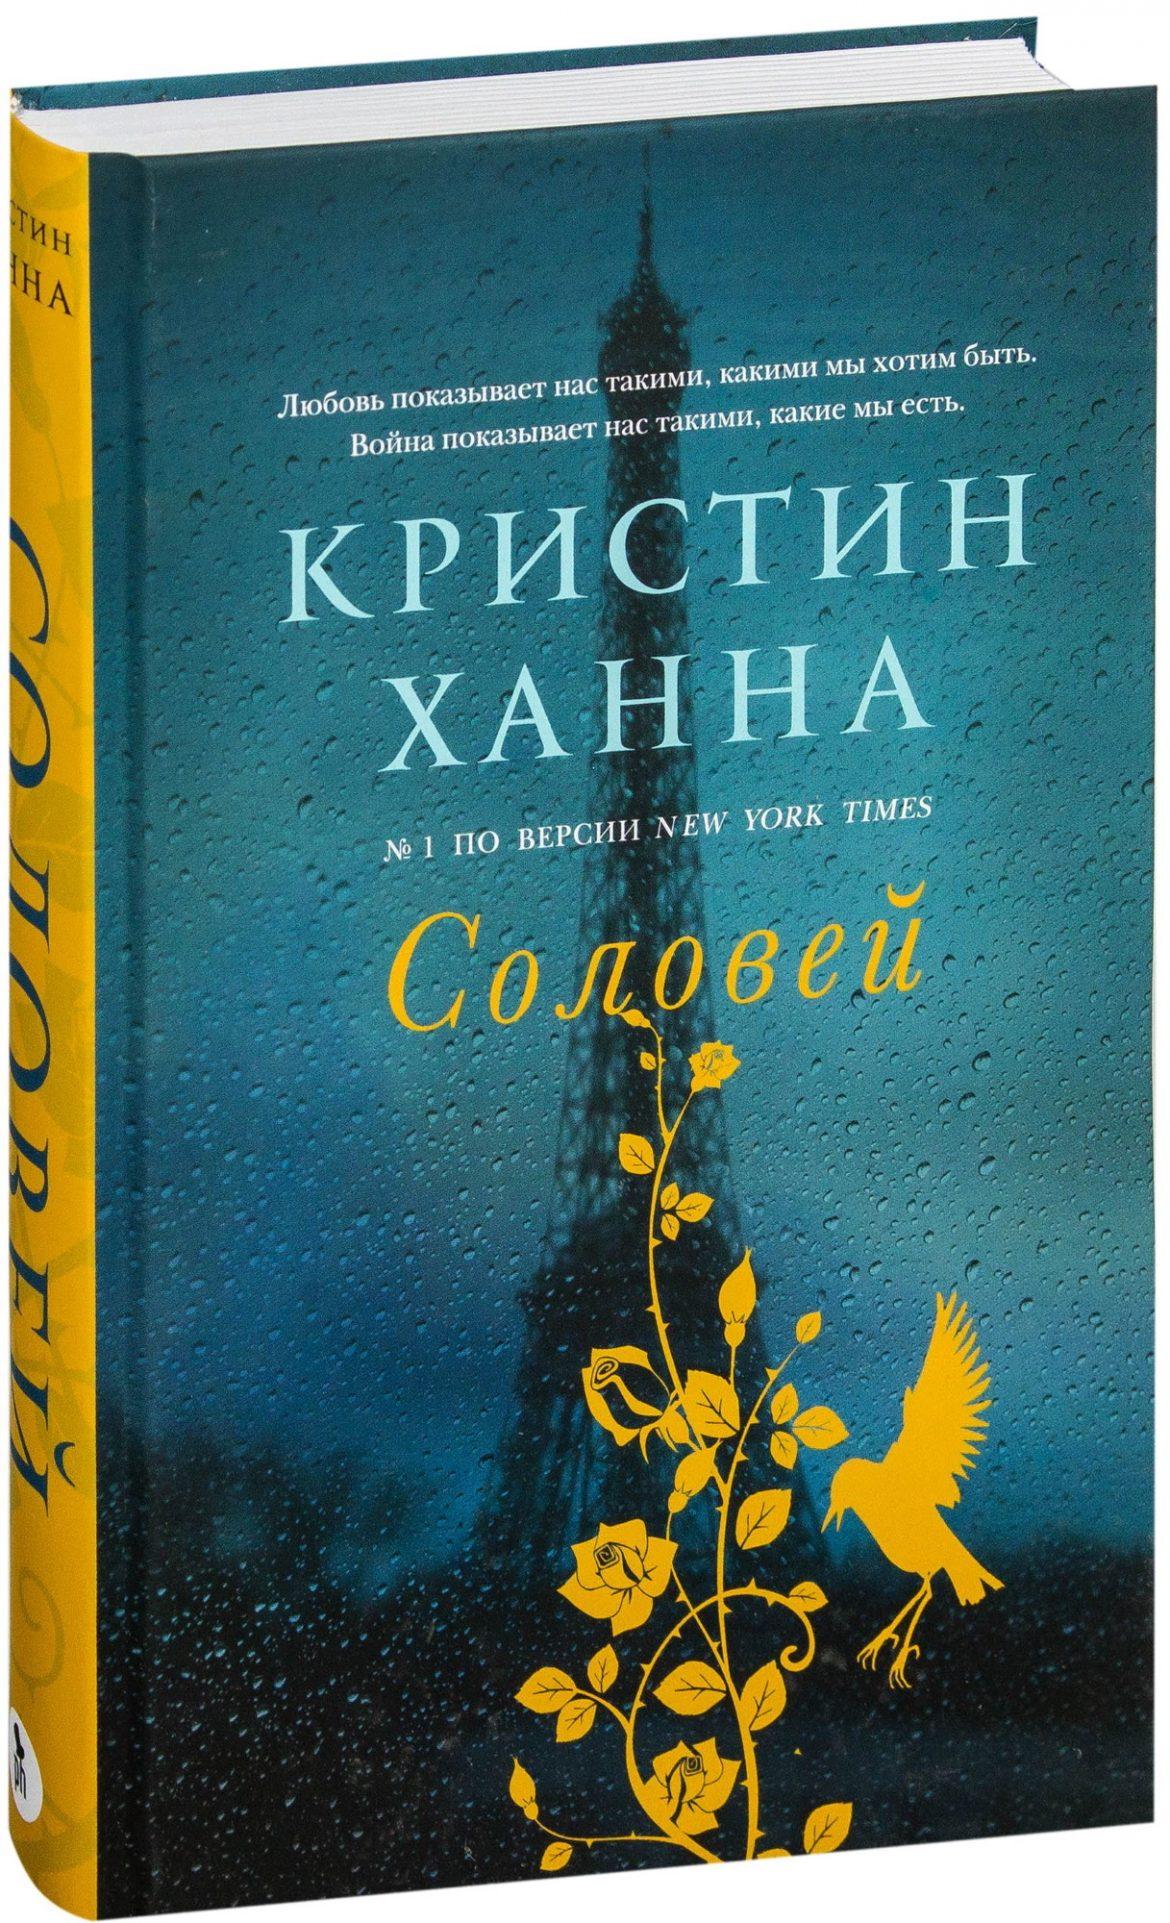 Соловей — Кристин Ханна